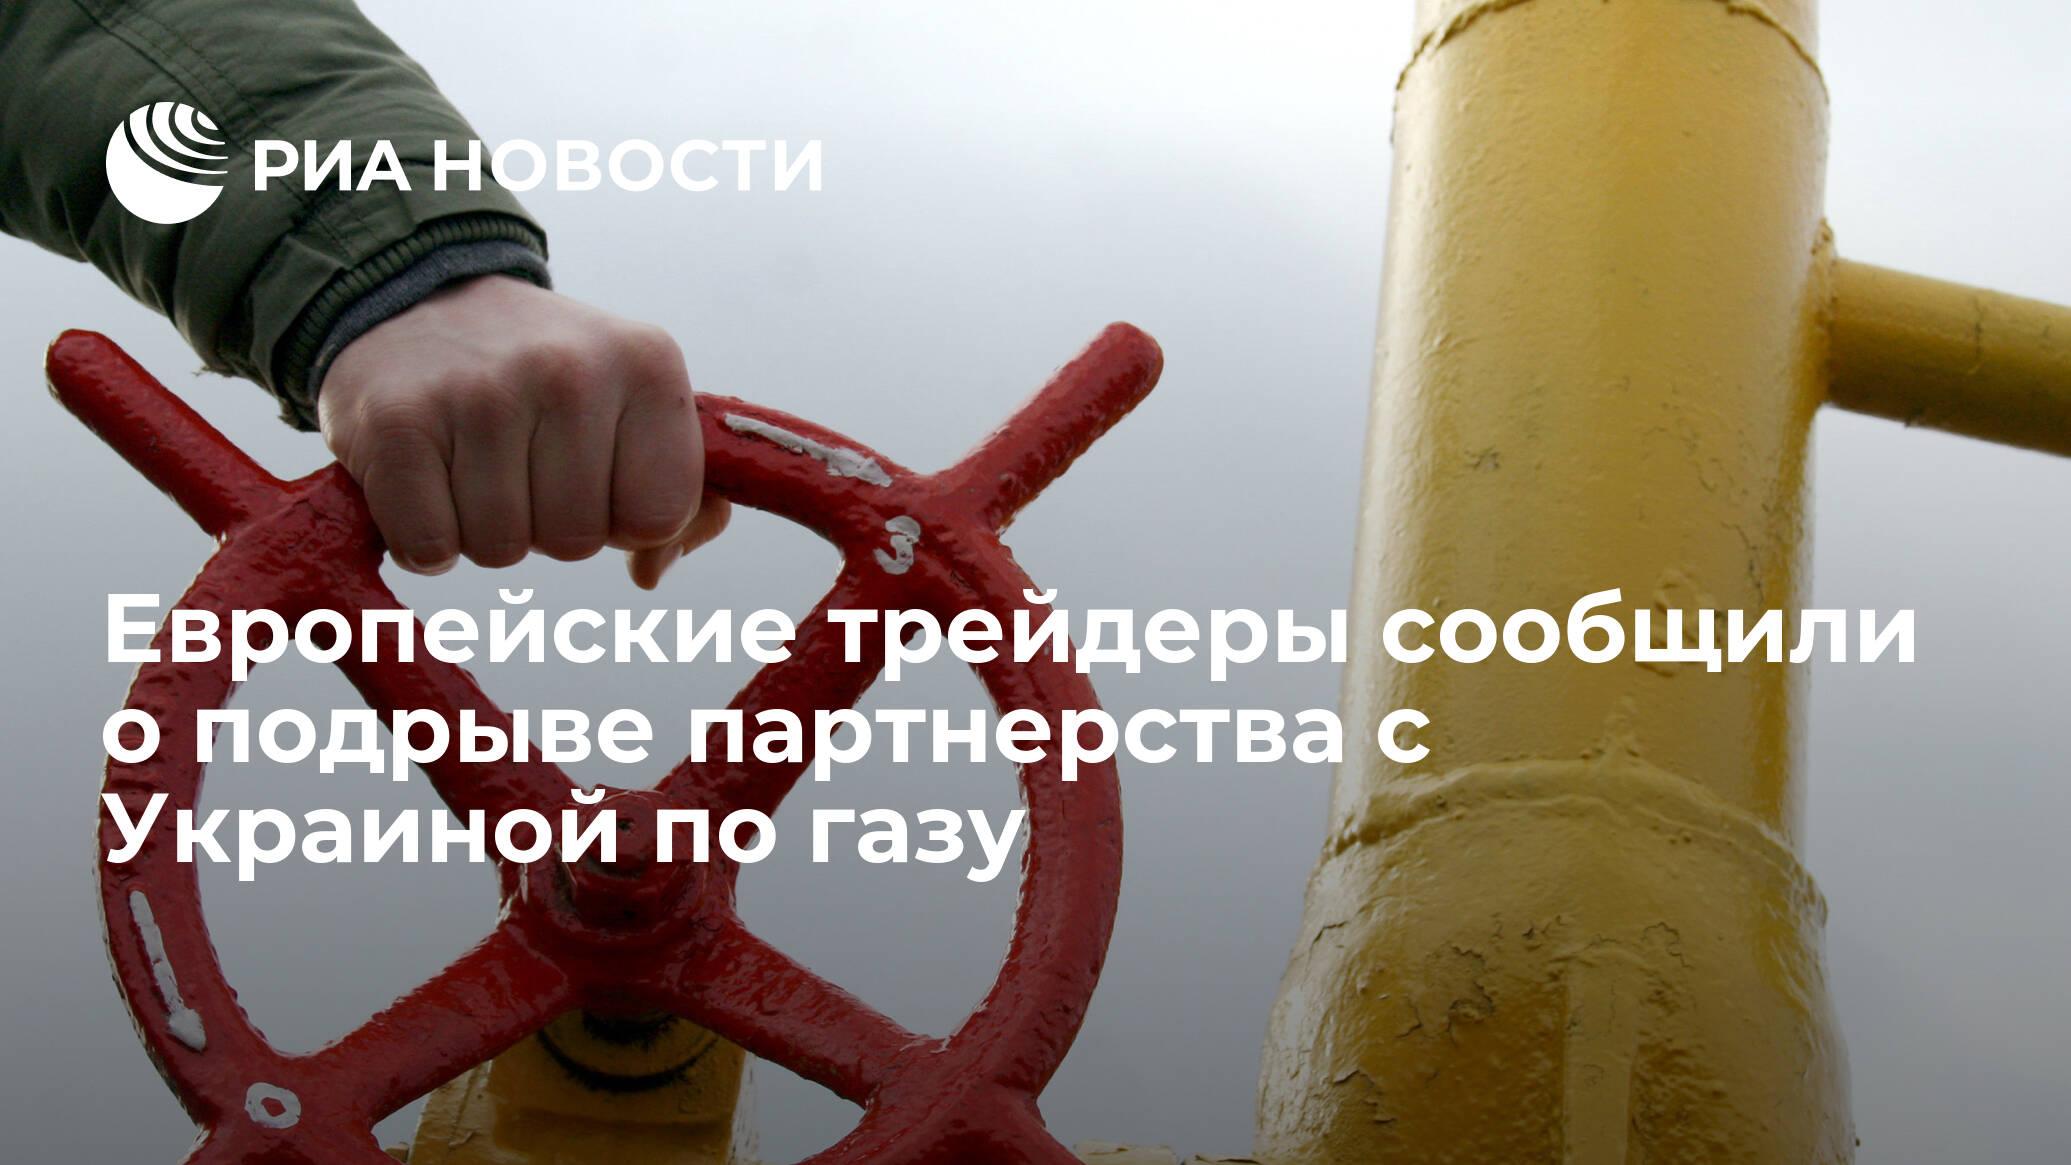 Европейские трейдеры сообщили о подрыве партнерства с Украиной по газу